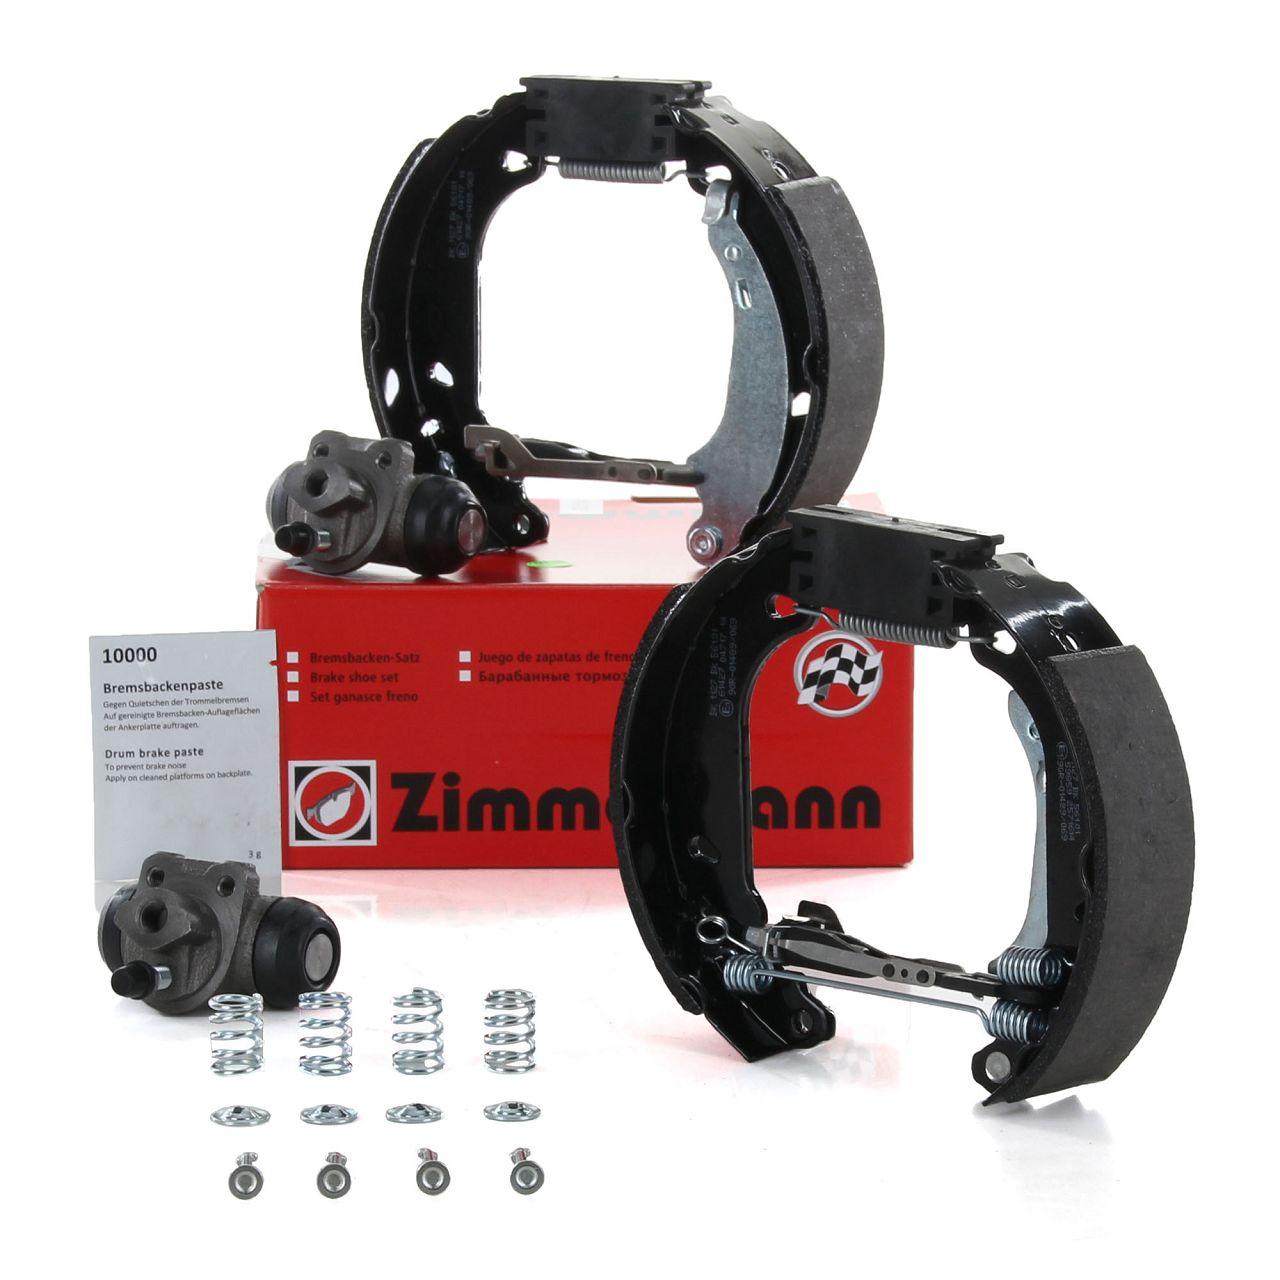 ZIMMERMANN Bremsbacken + Radbremszylinder Satz DACIA Logan RENAULT Clio ohne ABS